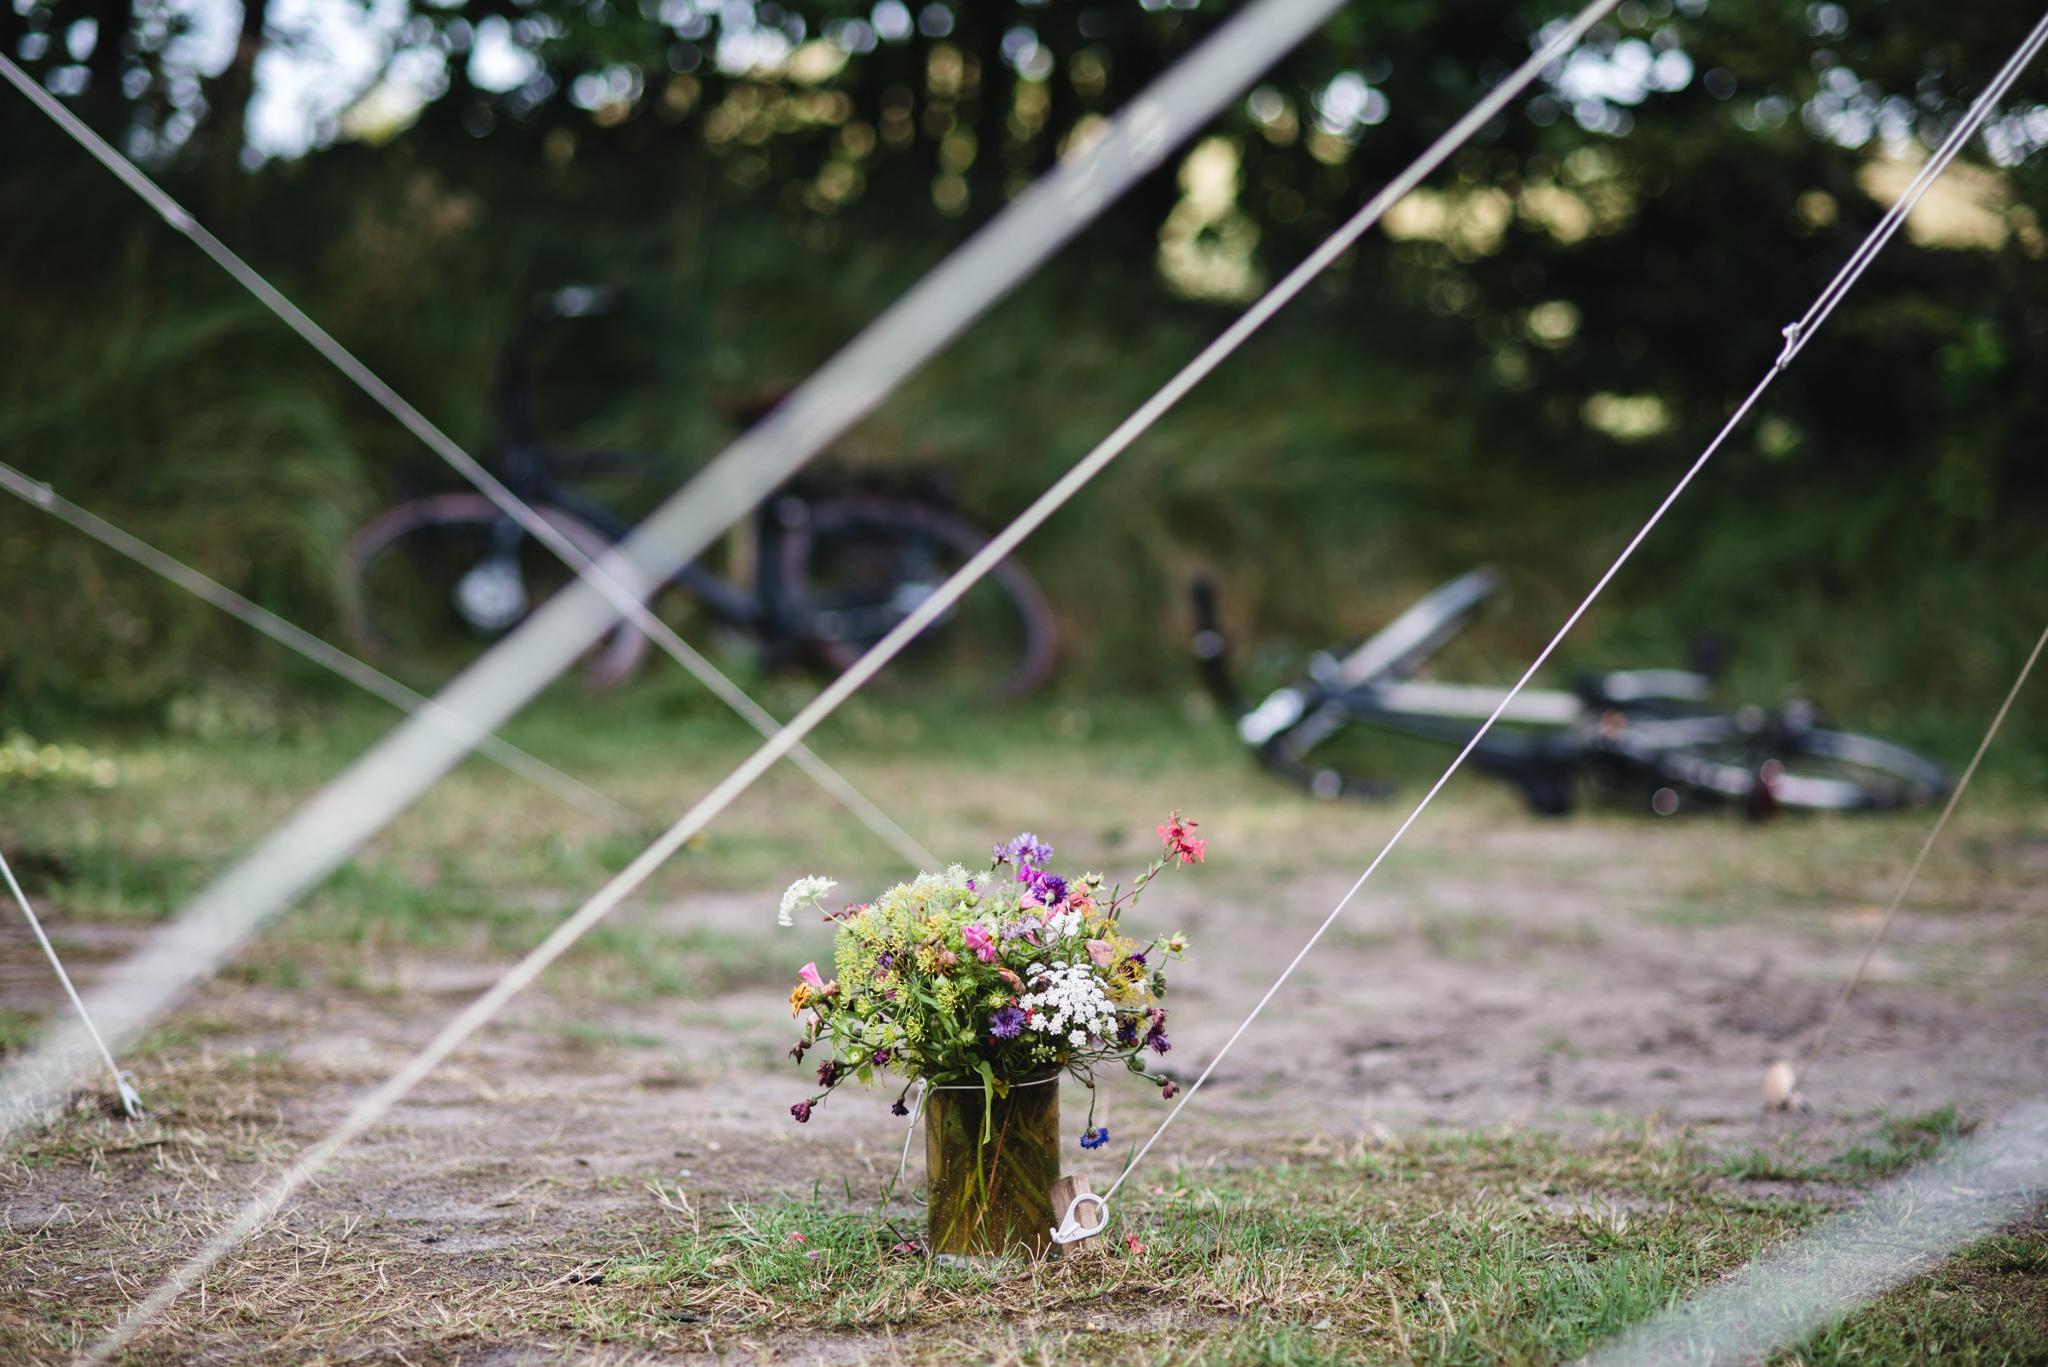 Kampeerboeketten Staatsbosbeheer bloemen op de camping Laurie Karine de fotograaf - 7-2